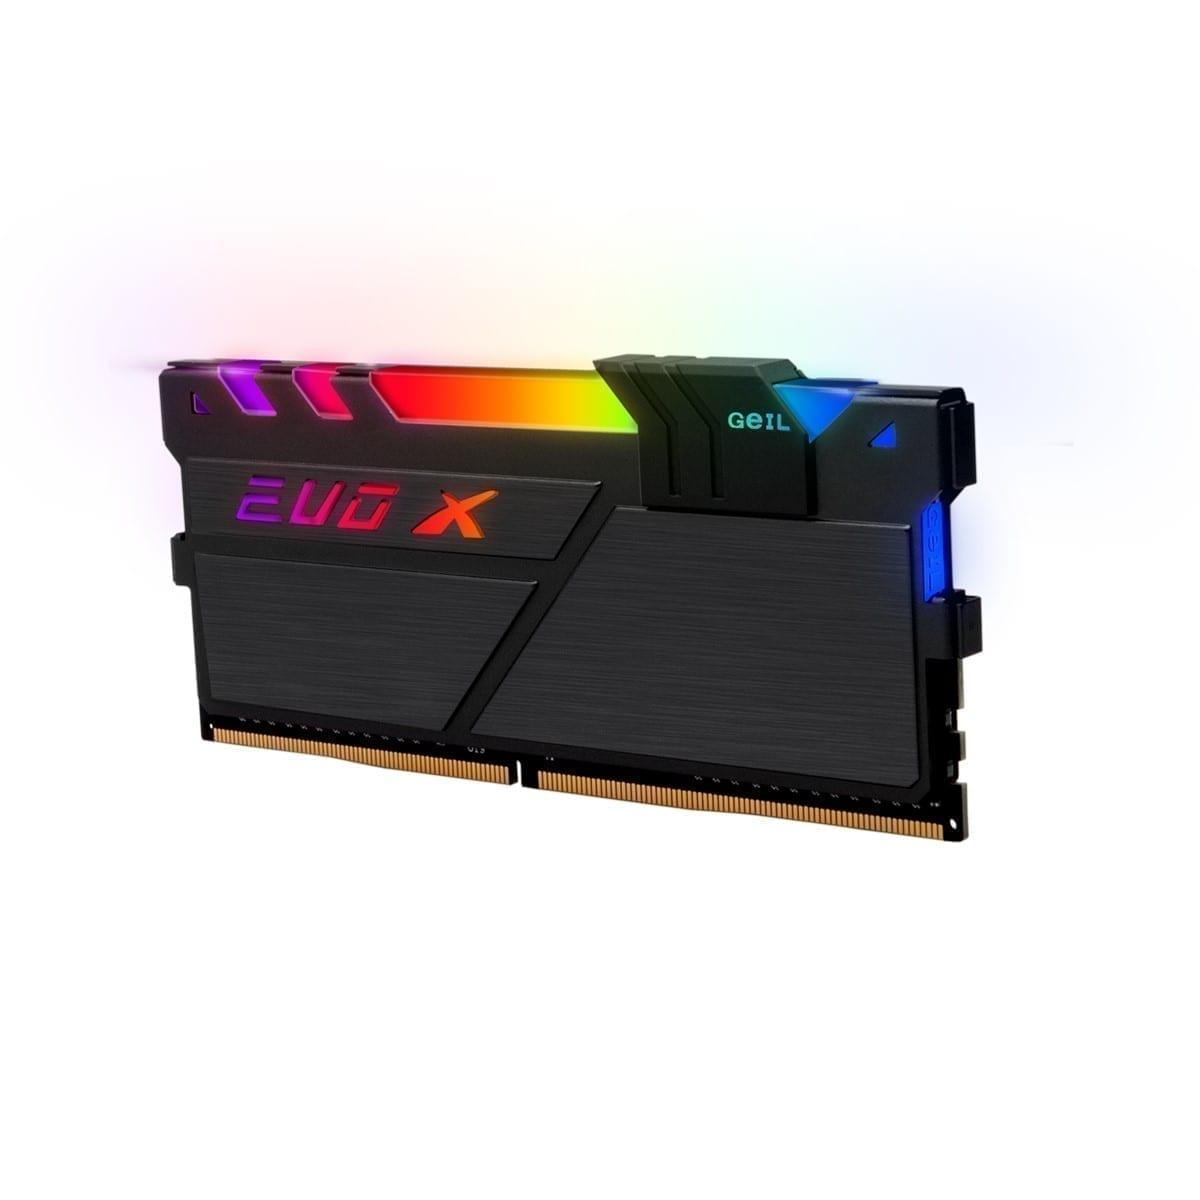 GeIL EVO X II 16GB (8GB*2) DDR4 RAM 3000MHz RGB BLACK - GEXSB416GB3000C16AD 2